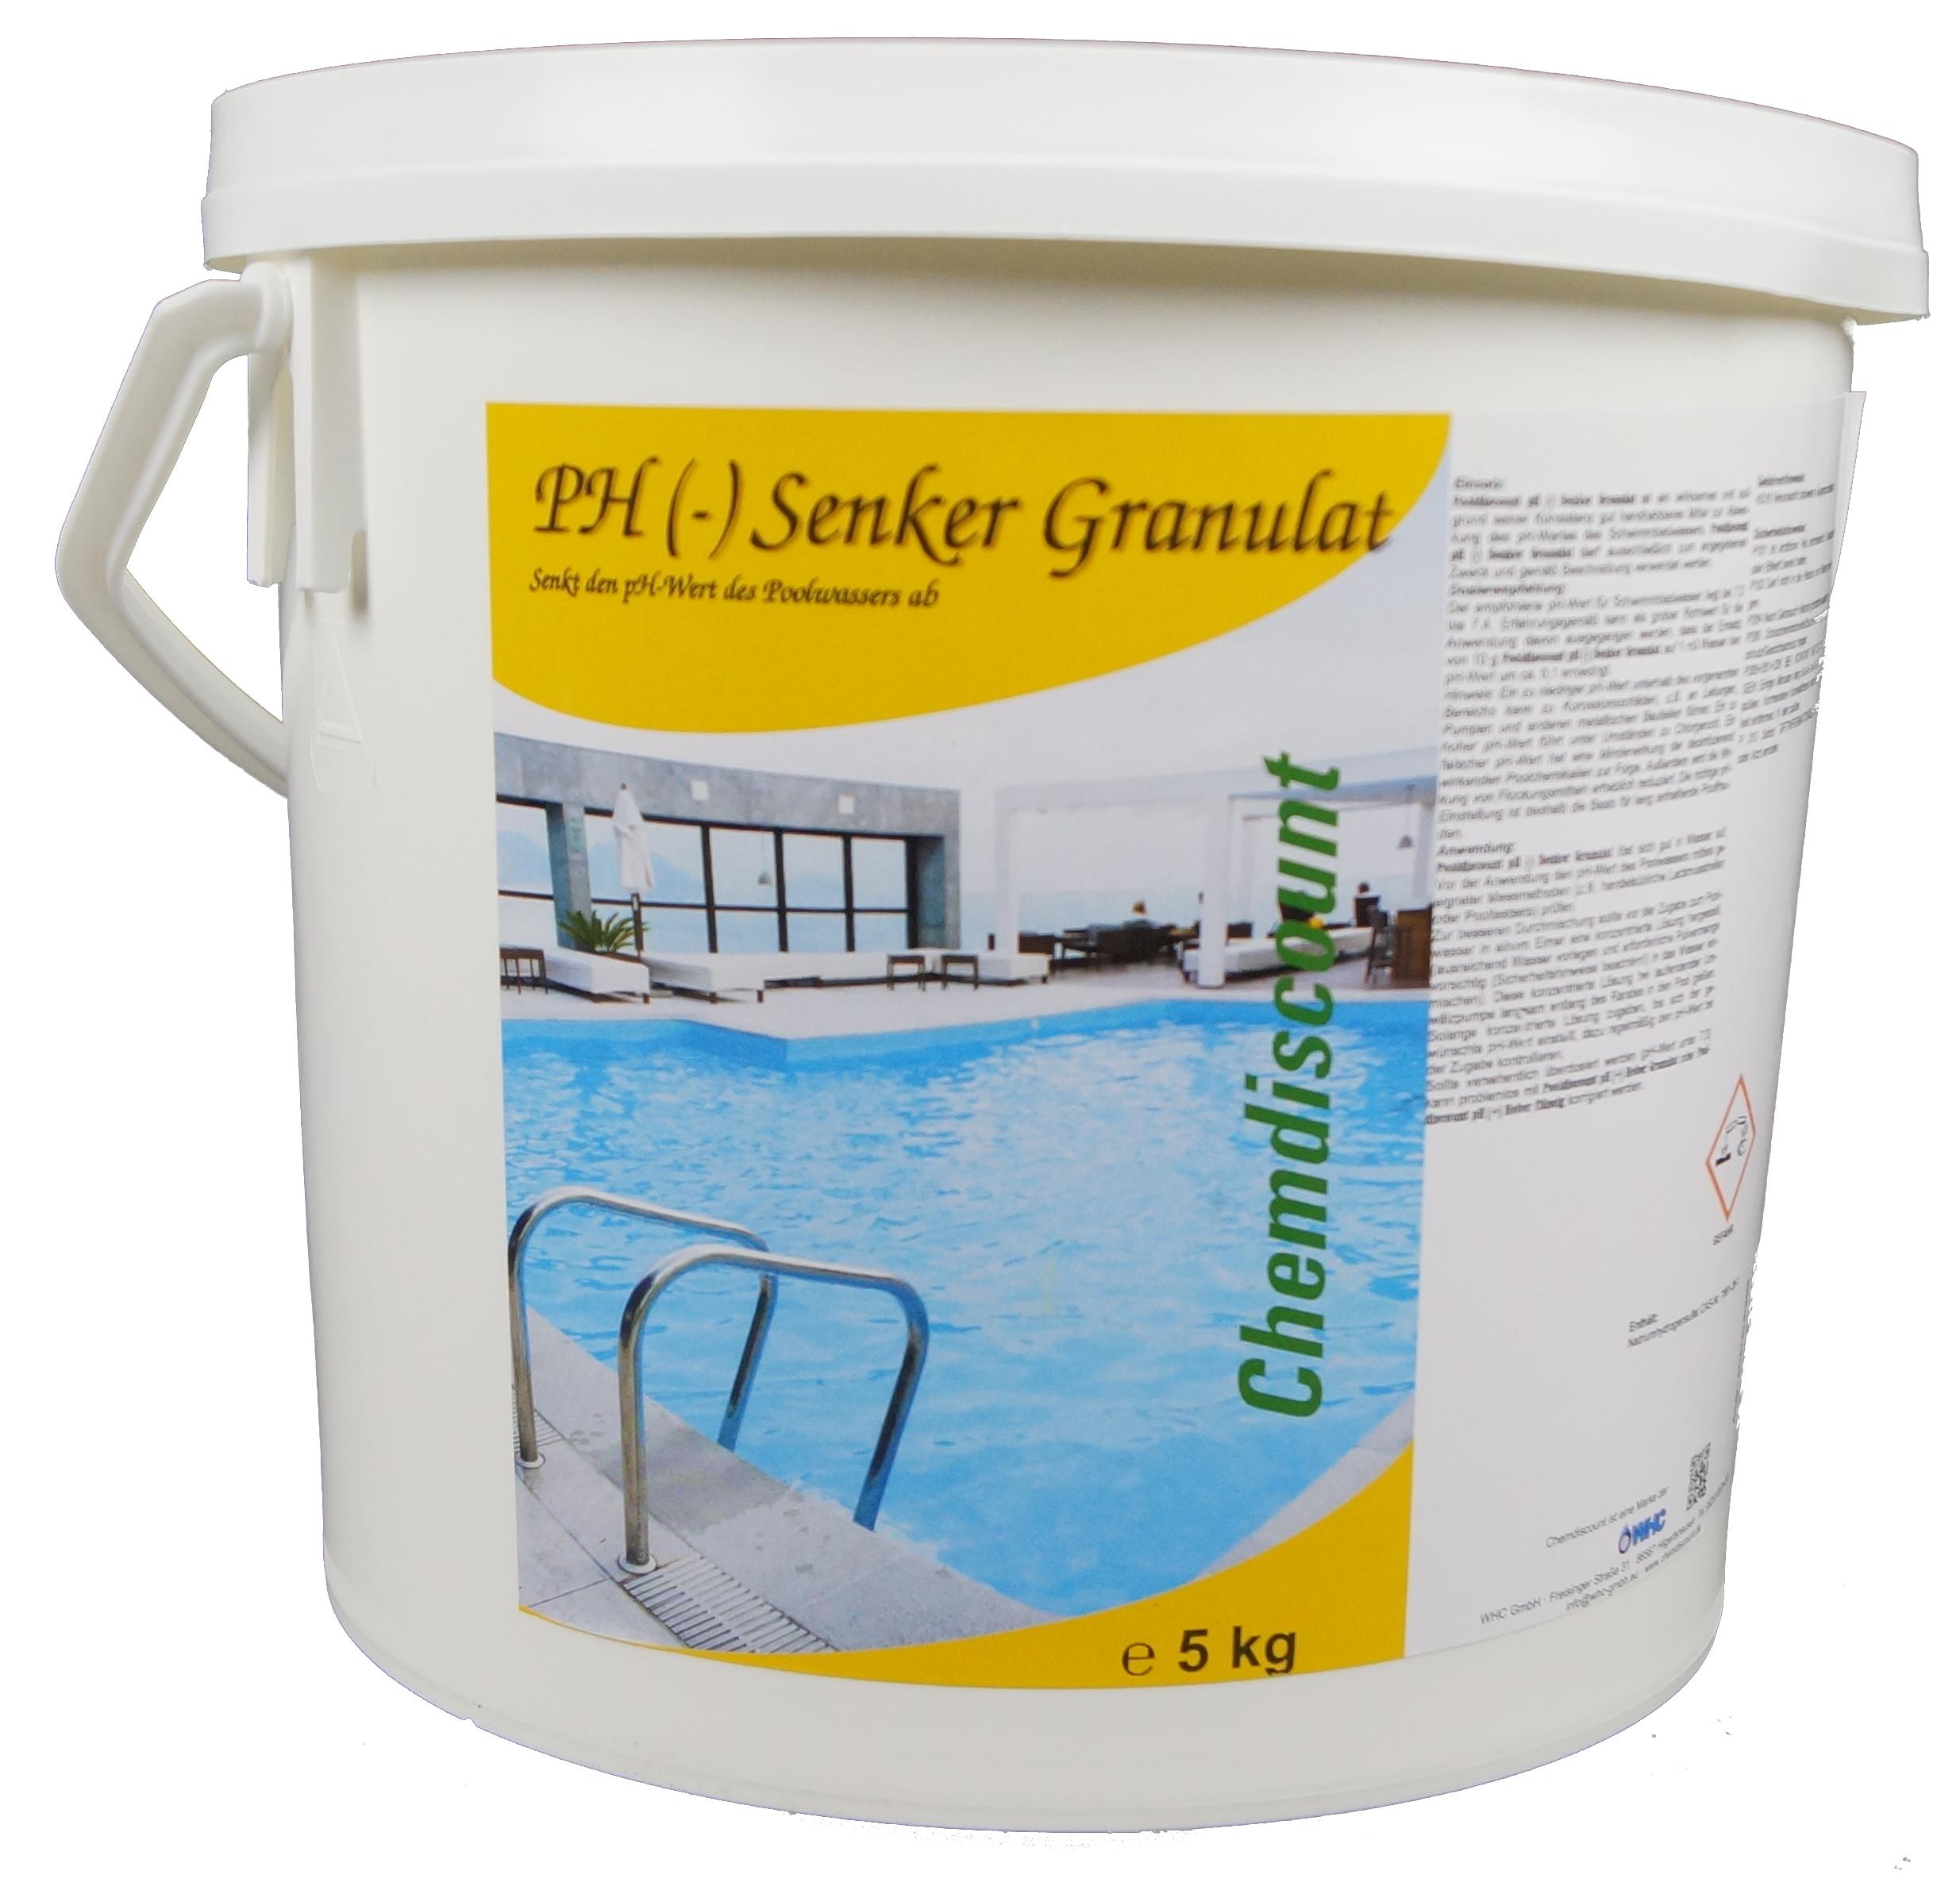 5kg ph senker granulat ph minus ph senker ph minus chemikalien von a bis z. Black Bedroom Furniture Sets. Home Design Ideas